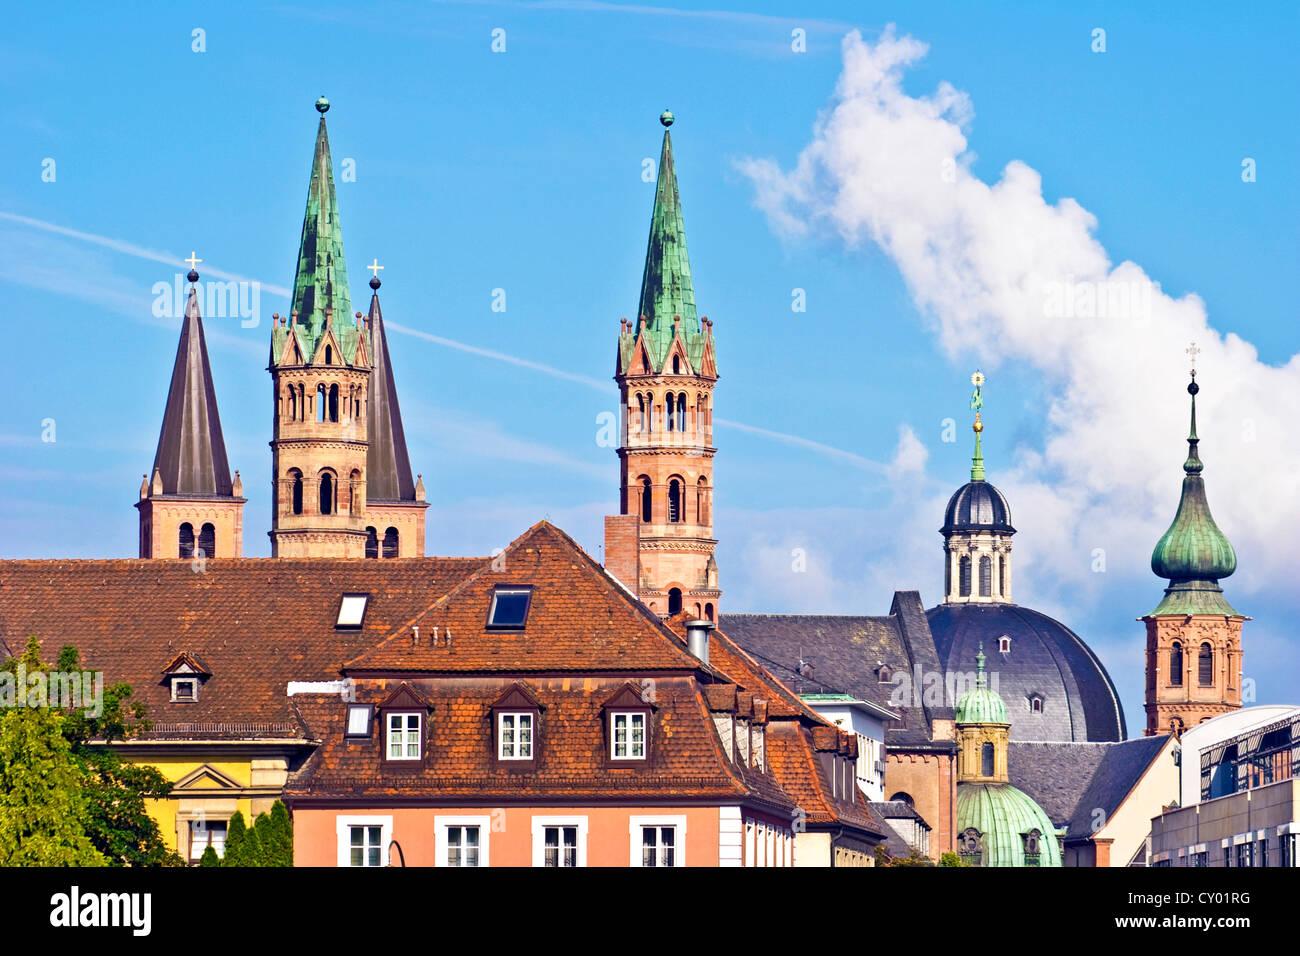 Würzburg, Bayern, Deutschland-Skyline-Blick auf die Stadt Würzburg mit ihrer Kathedrale (Dom) und Neumünster Stockbild